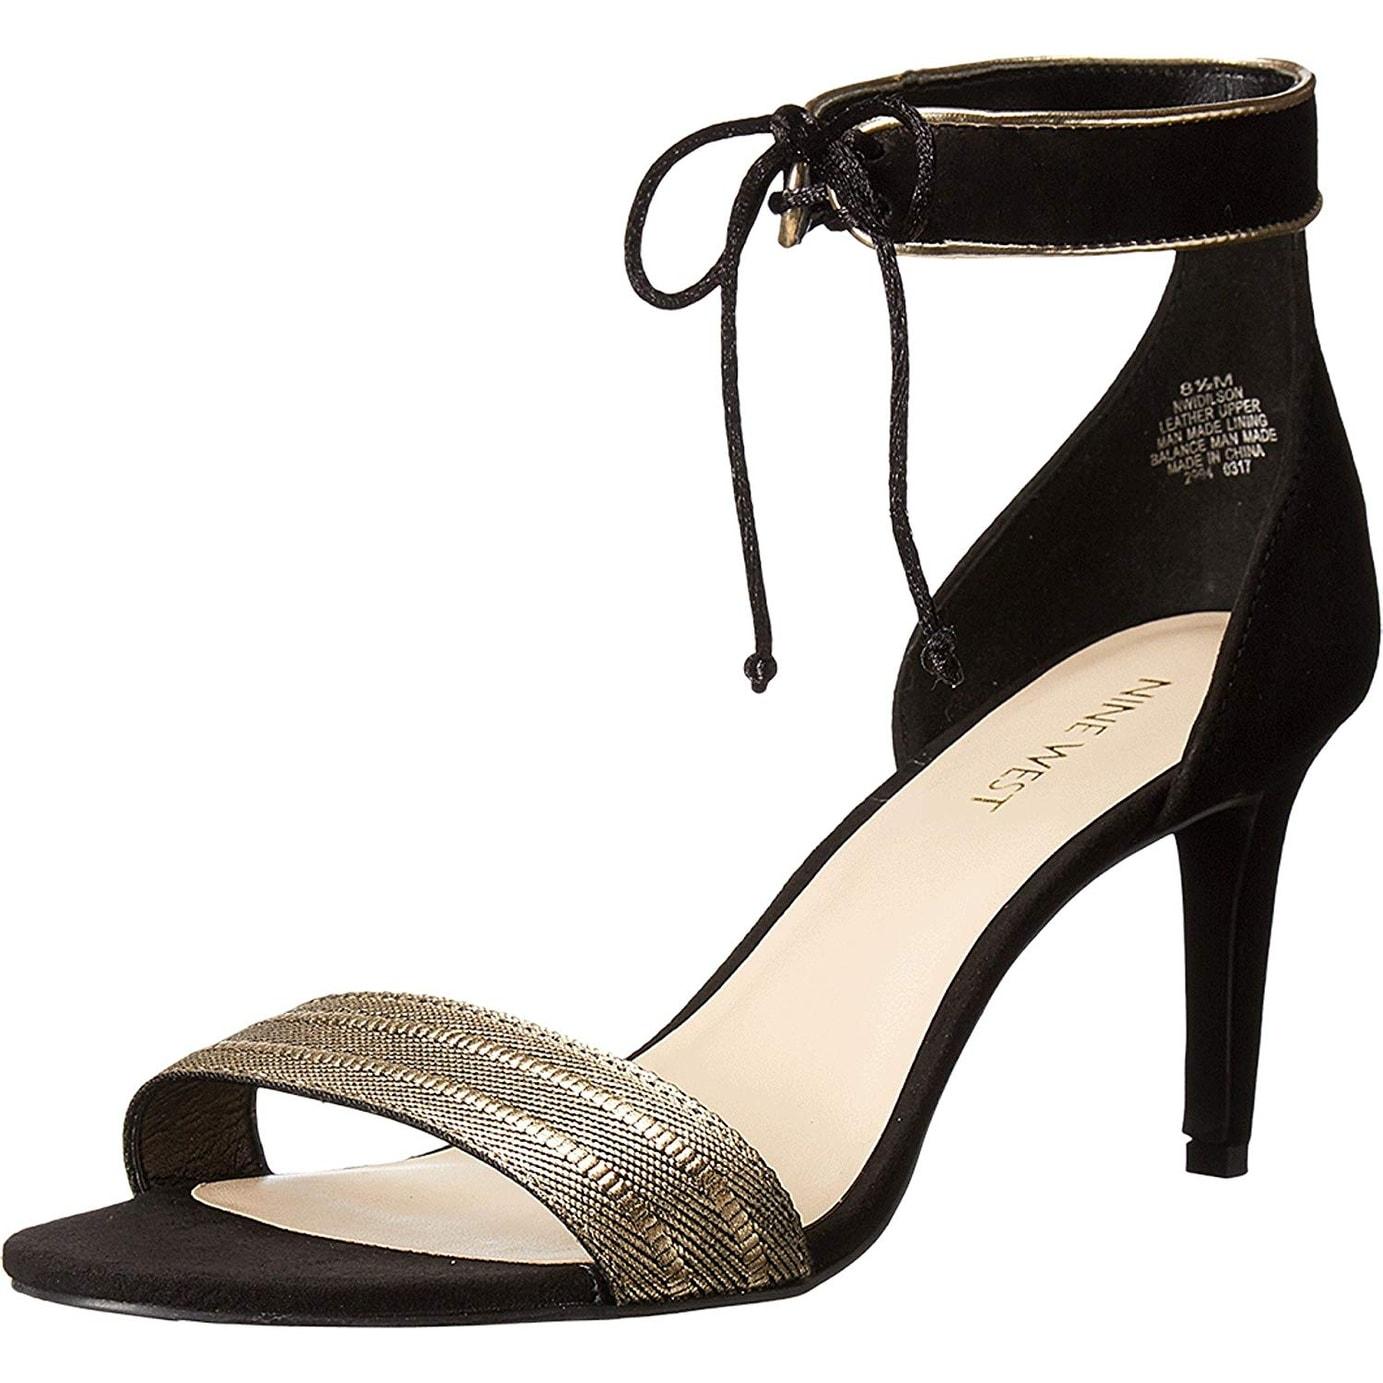 9b764f0d7fe6 Buy Nine West Women s Heels Online at Overstock